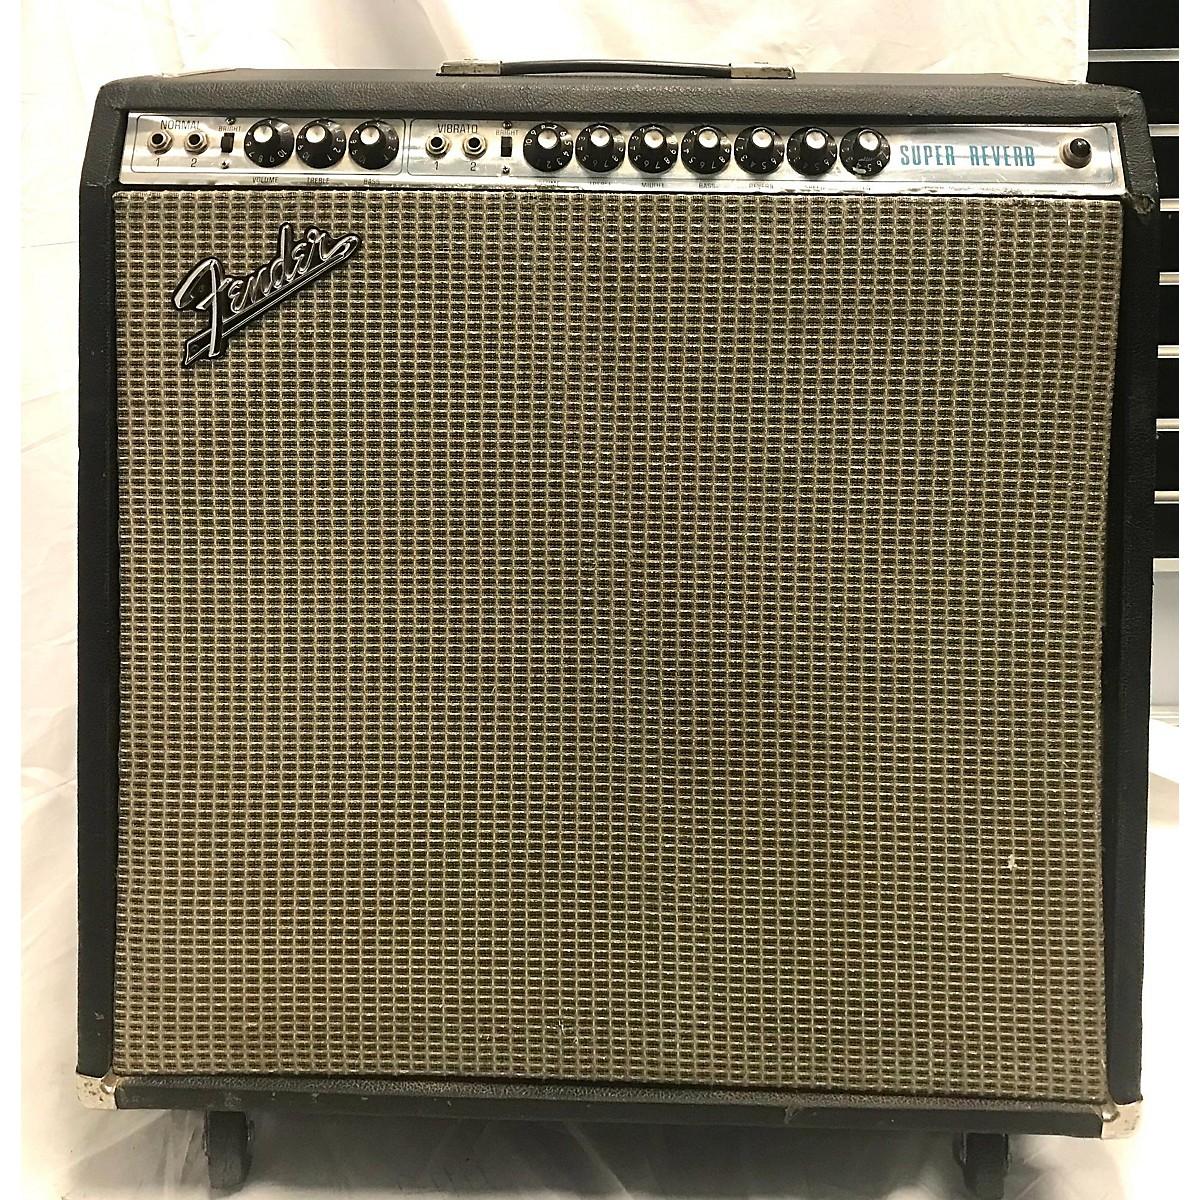 Fender 1972 1972 Super Reverb Tube Guitar Combo Amp